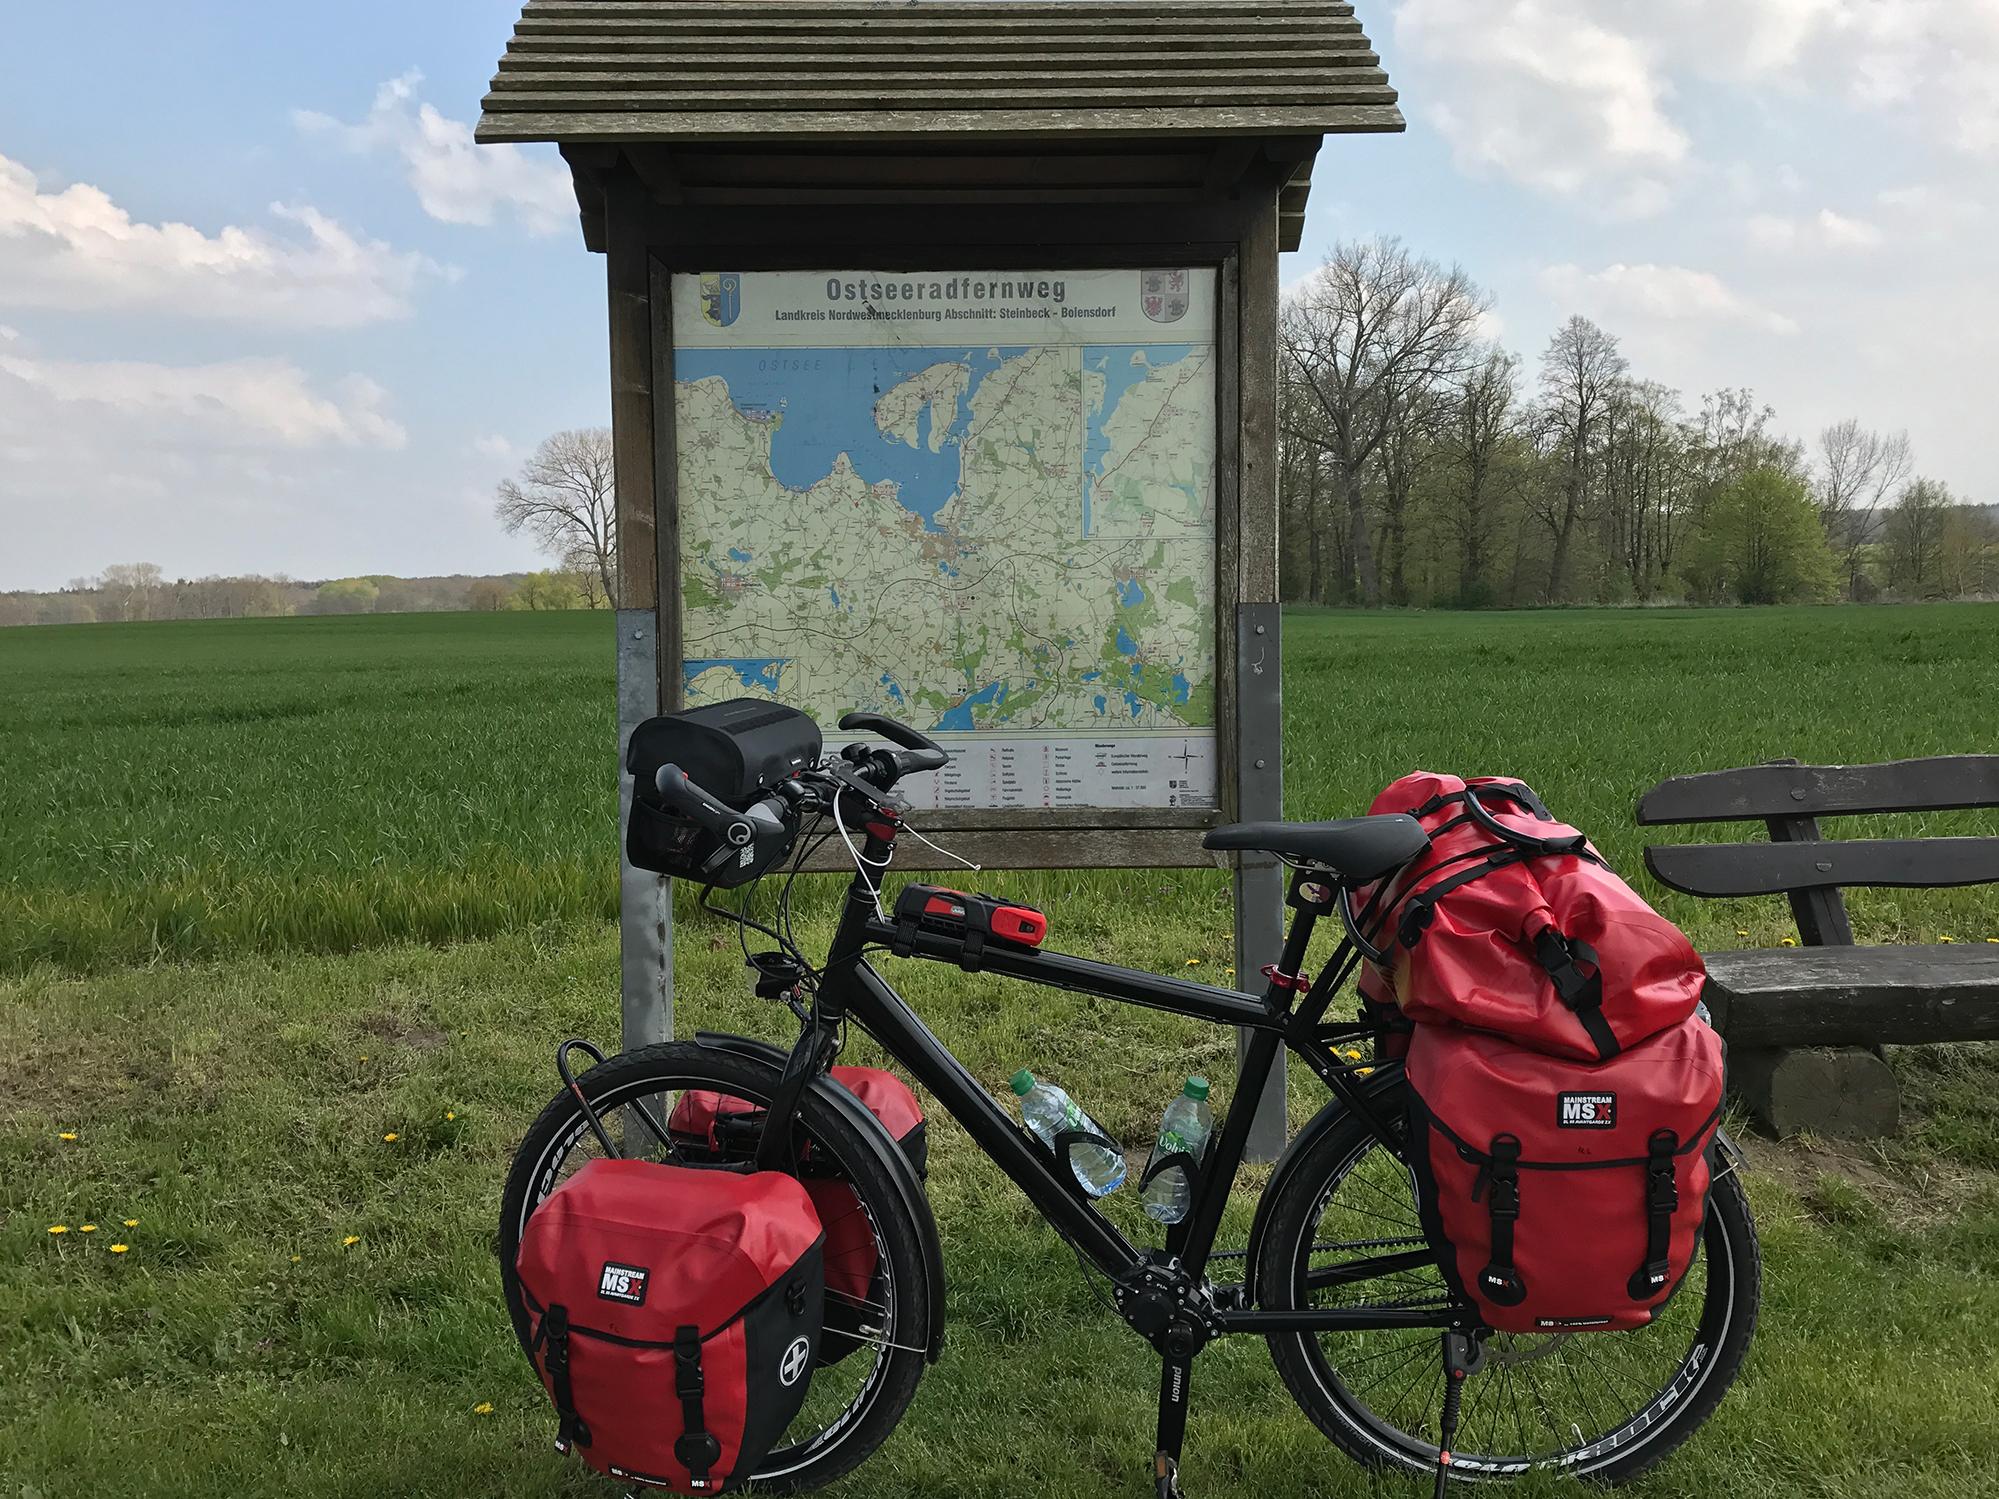 L12 near Groß Strömkendorf